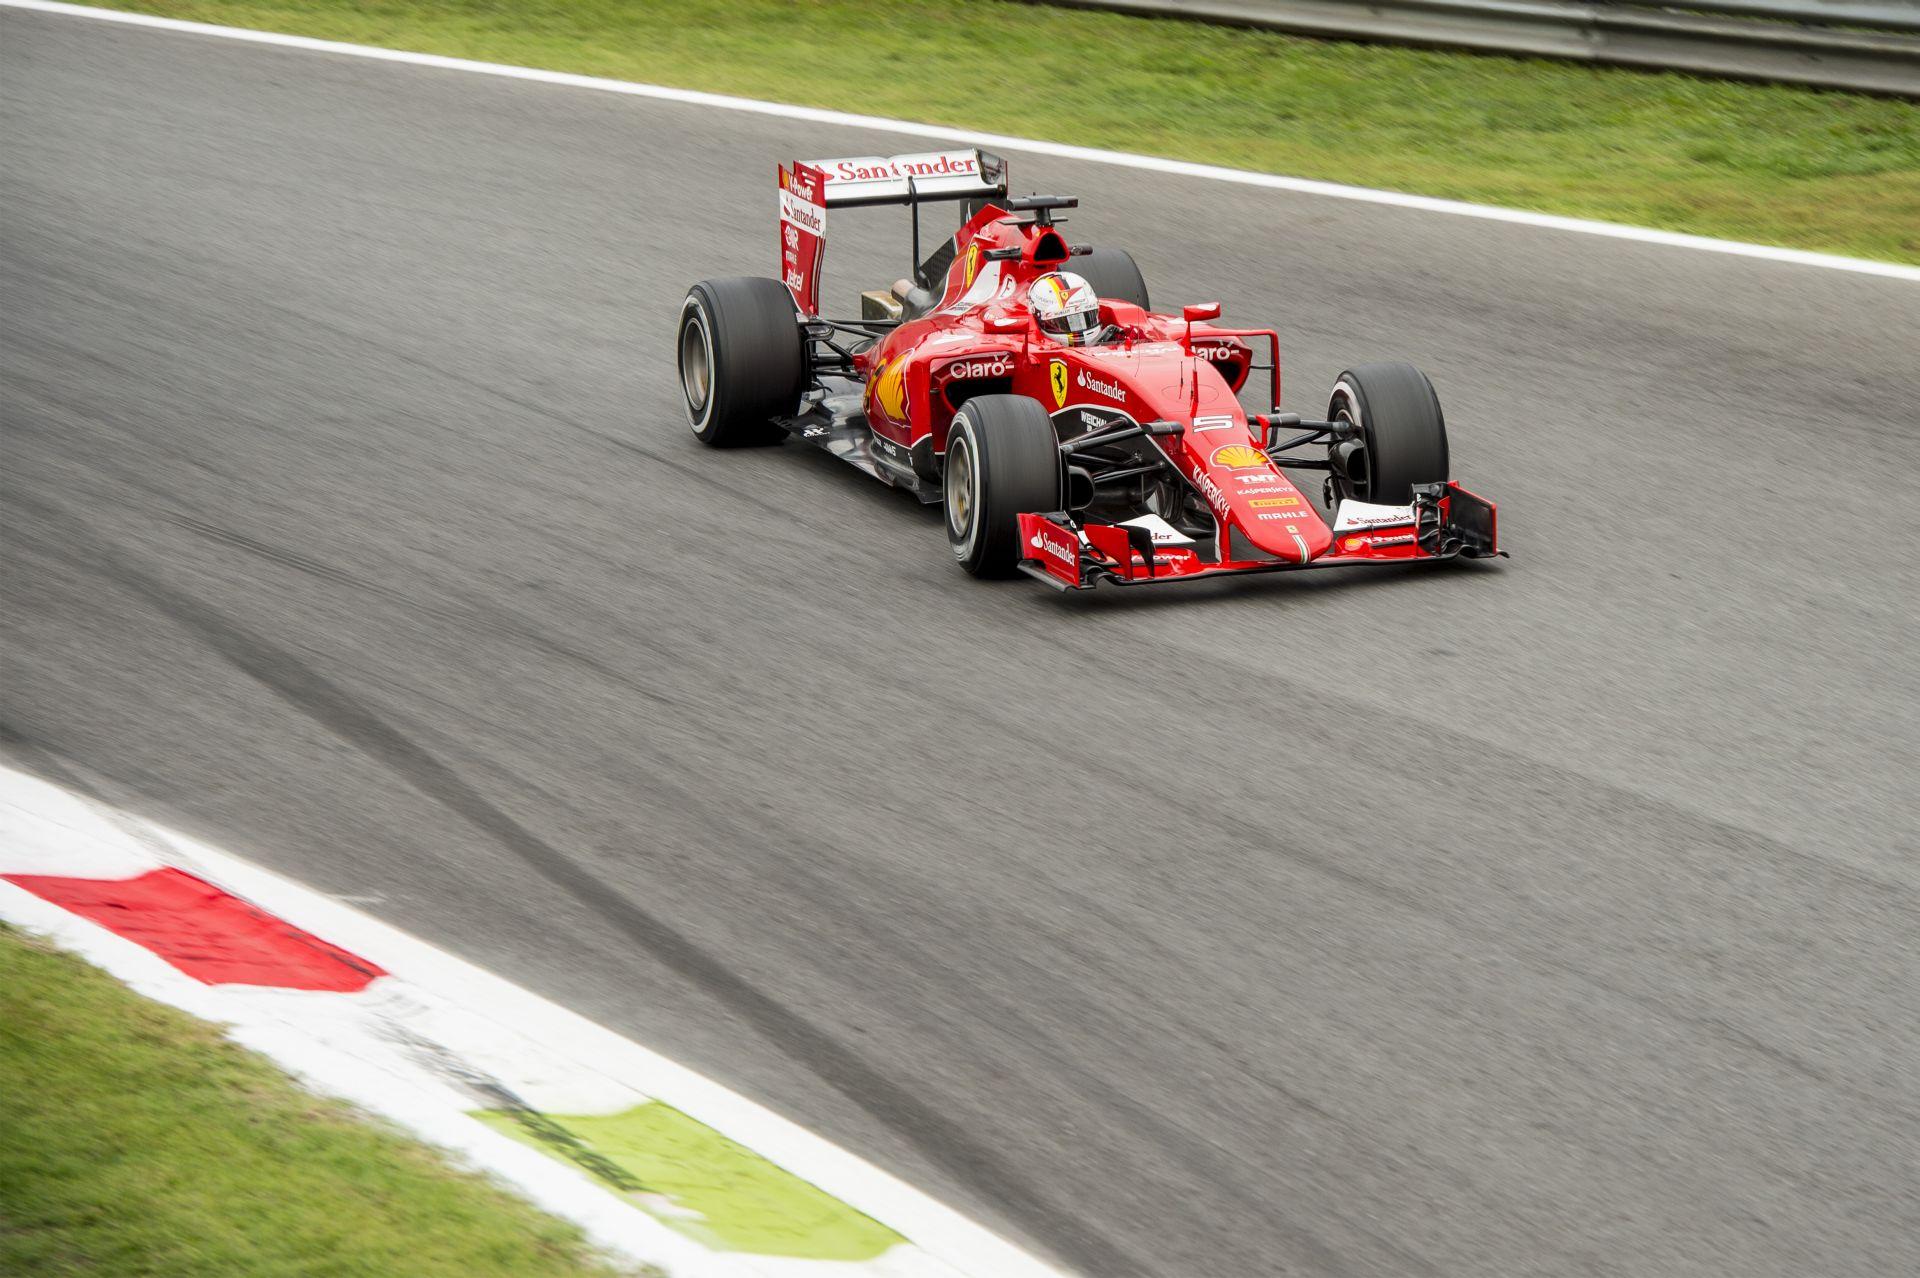 Olasz Nagydíj 2015: Vettel Q3-as időmérős köre Monzából (onboard)